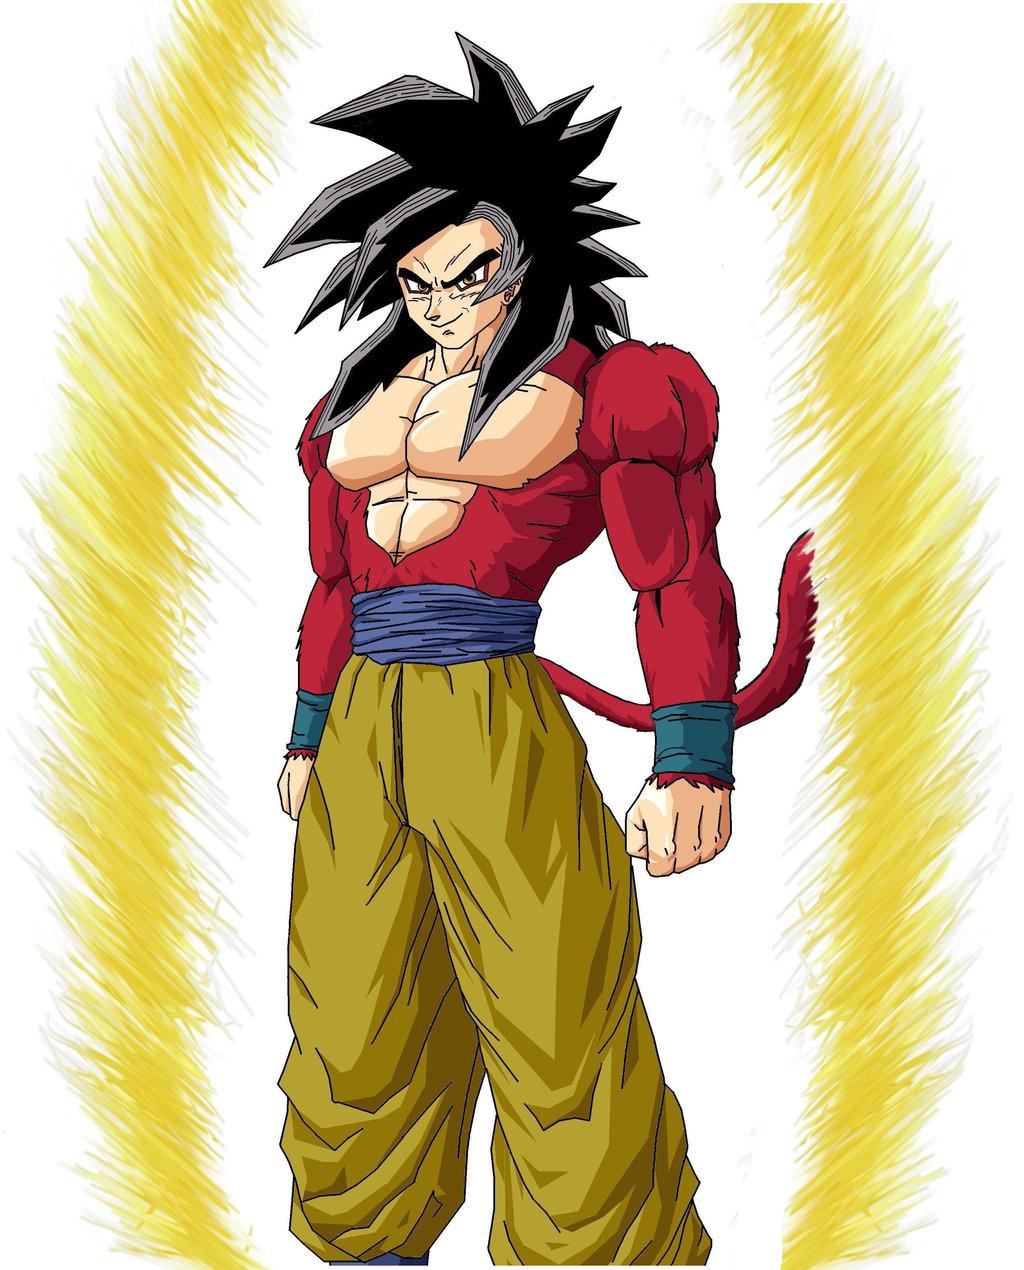 Goku awesome characters wiki - Super saiyan 6 goku pictures ...